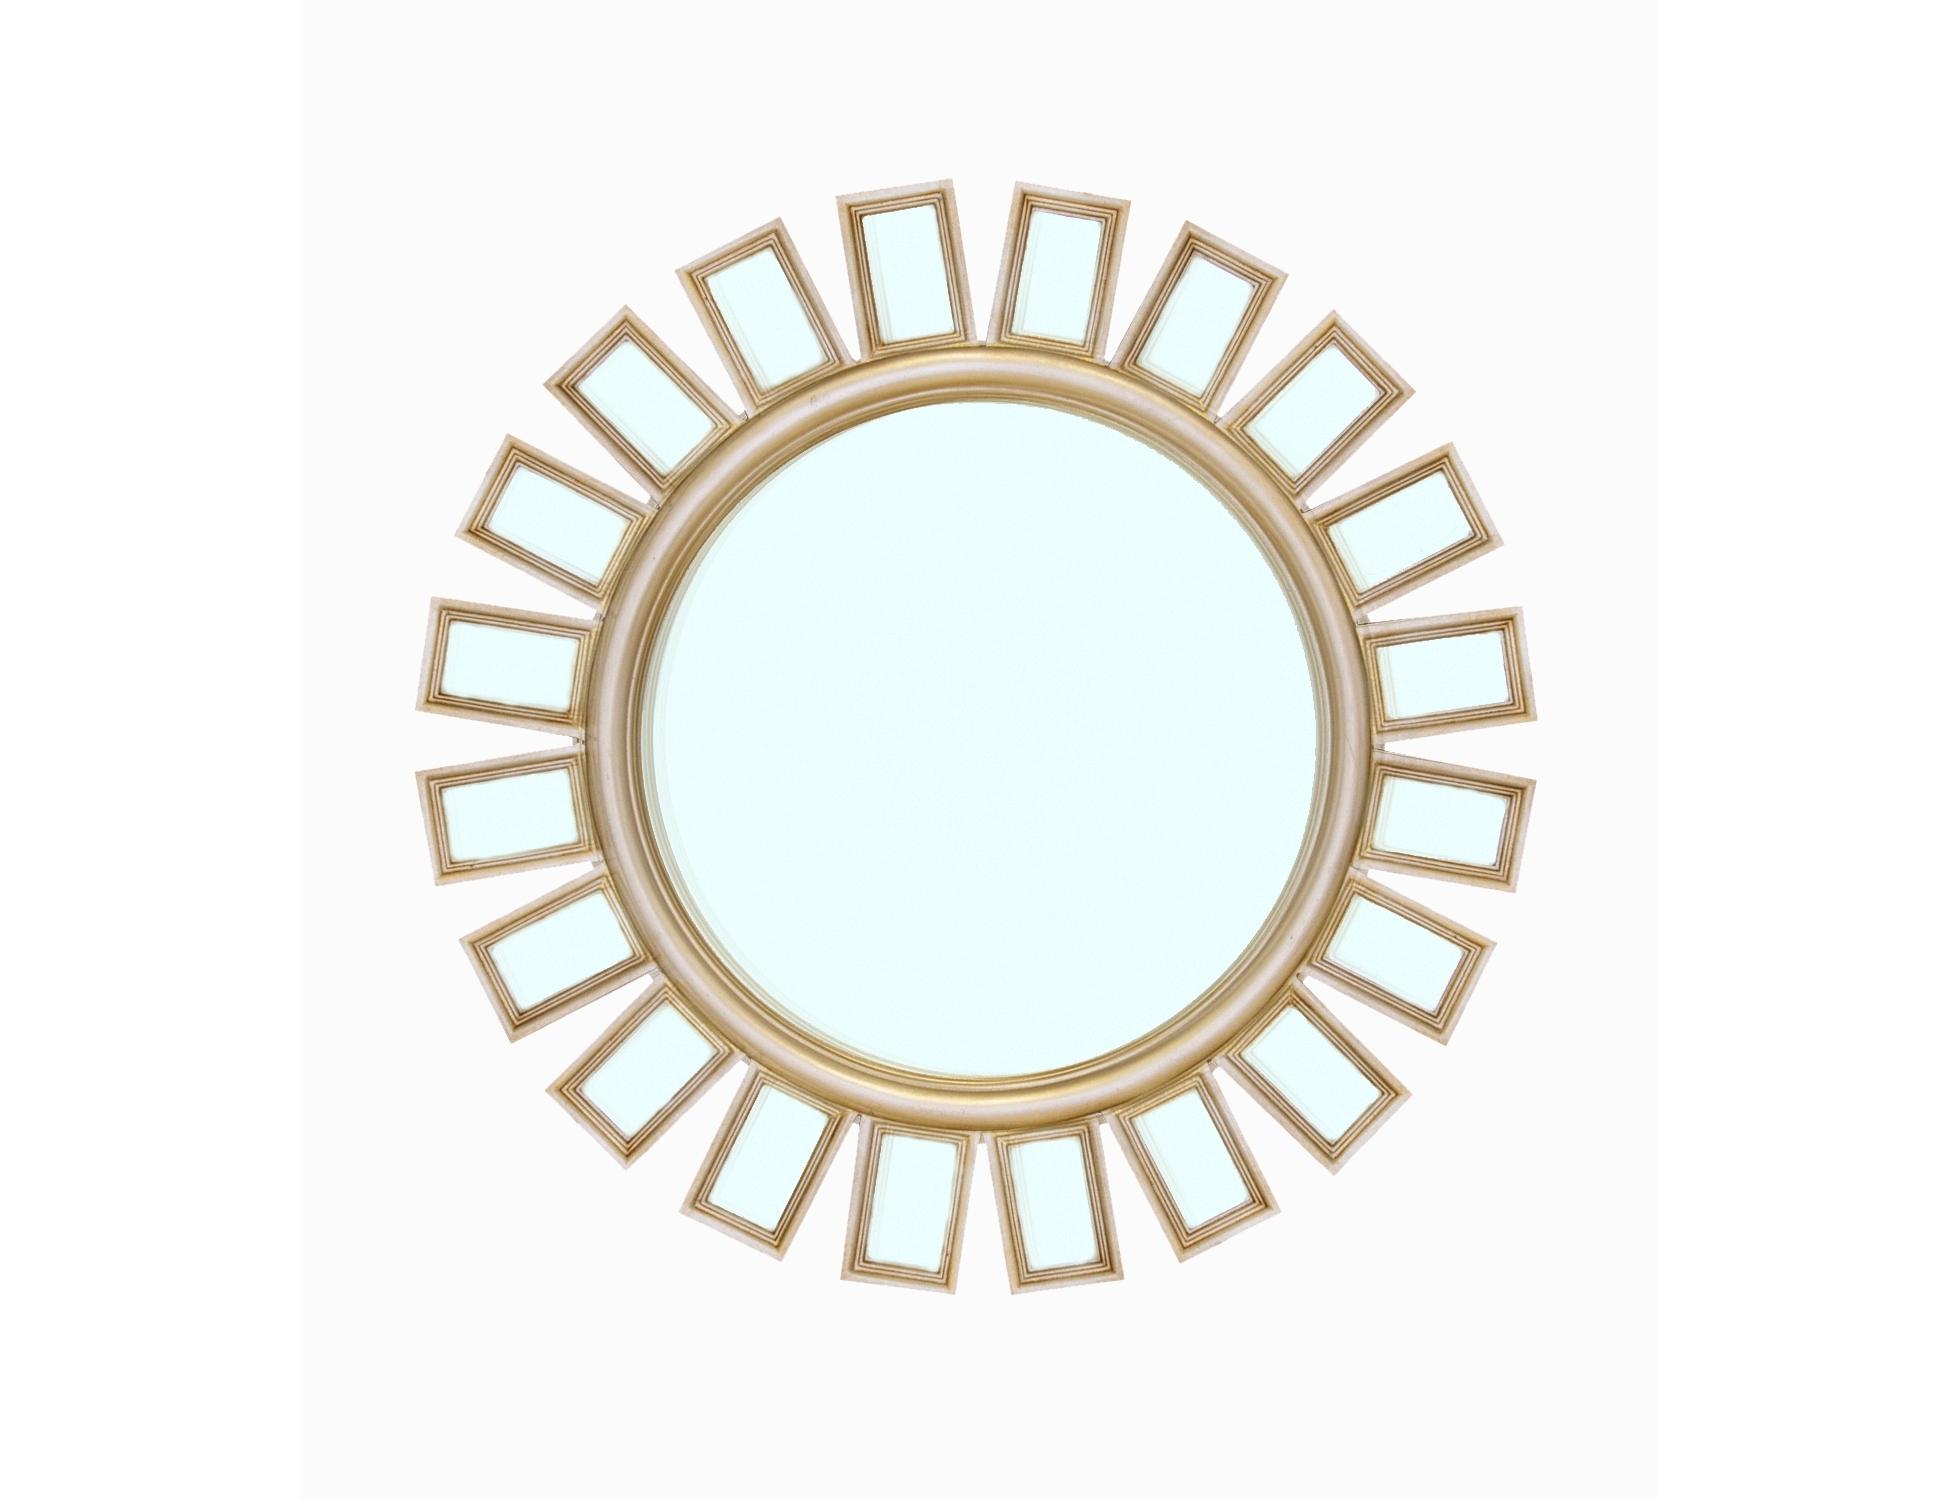 Зеркало AlvitaНастенные зеркала<br><br><br>Material: Металл<br>Depth см: 3<br>Diameter см: 84